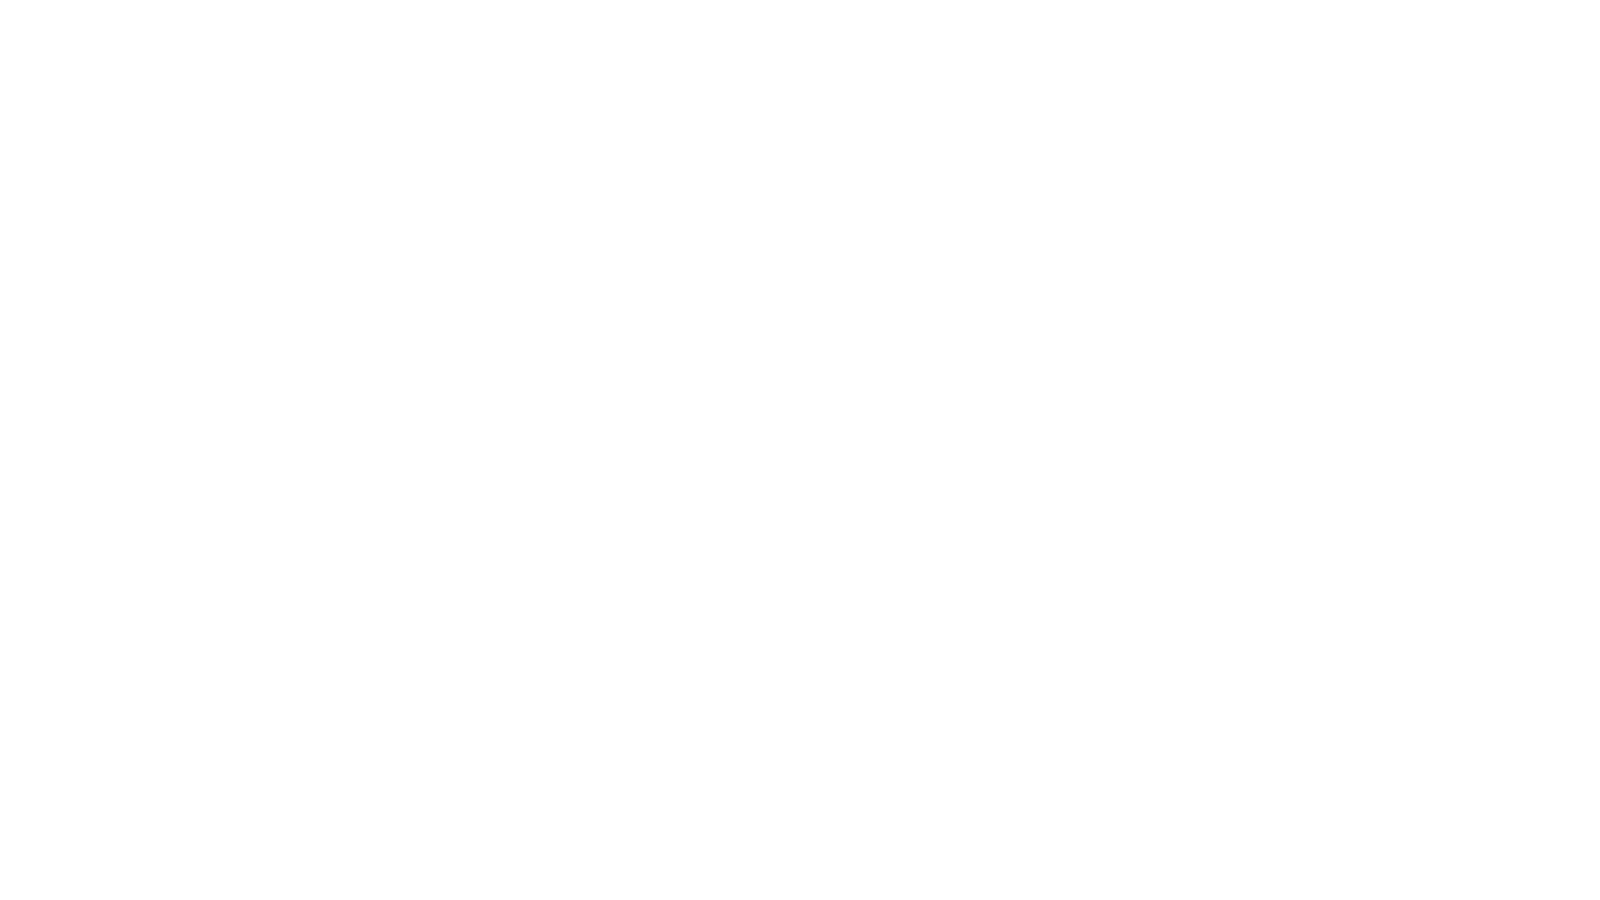 🗓️ Para reservar una cita programada, hazlo aqui: https://juradograham.com/agendar-cita o llamando al (855) 910-8244.  Casa de huéspedes: ¿Vas a salir a tu cita en Juarez?  Te recomiendo la Casa de Huespedes Nuevo Amanecer donde se hospedan mis clientes ➝  https://www.juradograham.com/es/socia... También puedes llamar para hacer tu reservación al 011 52 (656) 437-3911.  📲 ¡Sigue a Erika Jurado en medios sociales! ➝  https://www.juradograham.com/es/social/  📌 Club: http://juradograham.com/club-de-erika...  🔔 ¡ Suscribete al canal  @Inmigración con la Abogada Erika Jurado!  ¡La abogada Erika Jurado atiende casos en toda la Nación desde donde sea que te encuentres!   La abogada de inmigracion Erika Jurado comparte con ustedes las noticias recientes de inmigracion en Estados Unidos. Es muy importante estar informado antes de realizar una consulta con un abogado de inmigración.  ¡Mira el programa de la abogada Erika Jurado en vivo de Lunes, Miércoles y Jueves 12pm CST!  La abogada Erika Jurado cuenta con Licencia en Kansas, Missouri, Texas y Mexico. Esto le permite practicar la ley de inmigracion en la mayor parte de Estados Unidos. Su oficina principal se encuentra en Kansas City, Missouri. La contratacion de un abogado es muy importante y no debe basarse solo en publicidad. La informacion contenida en este video es informacion general y no debe tomarse como consejo legal individual.  #inmigracion #abogada #erikajurado